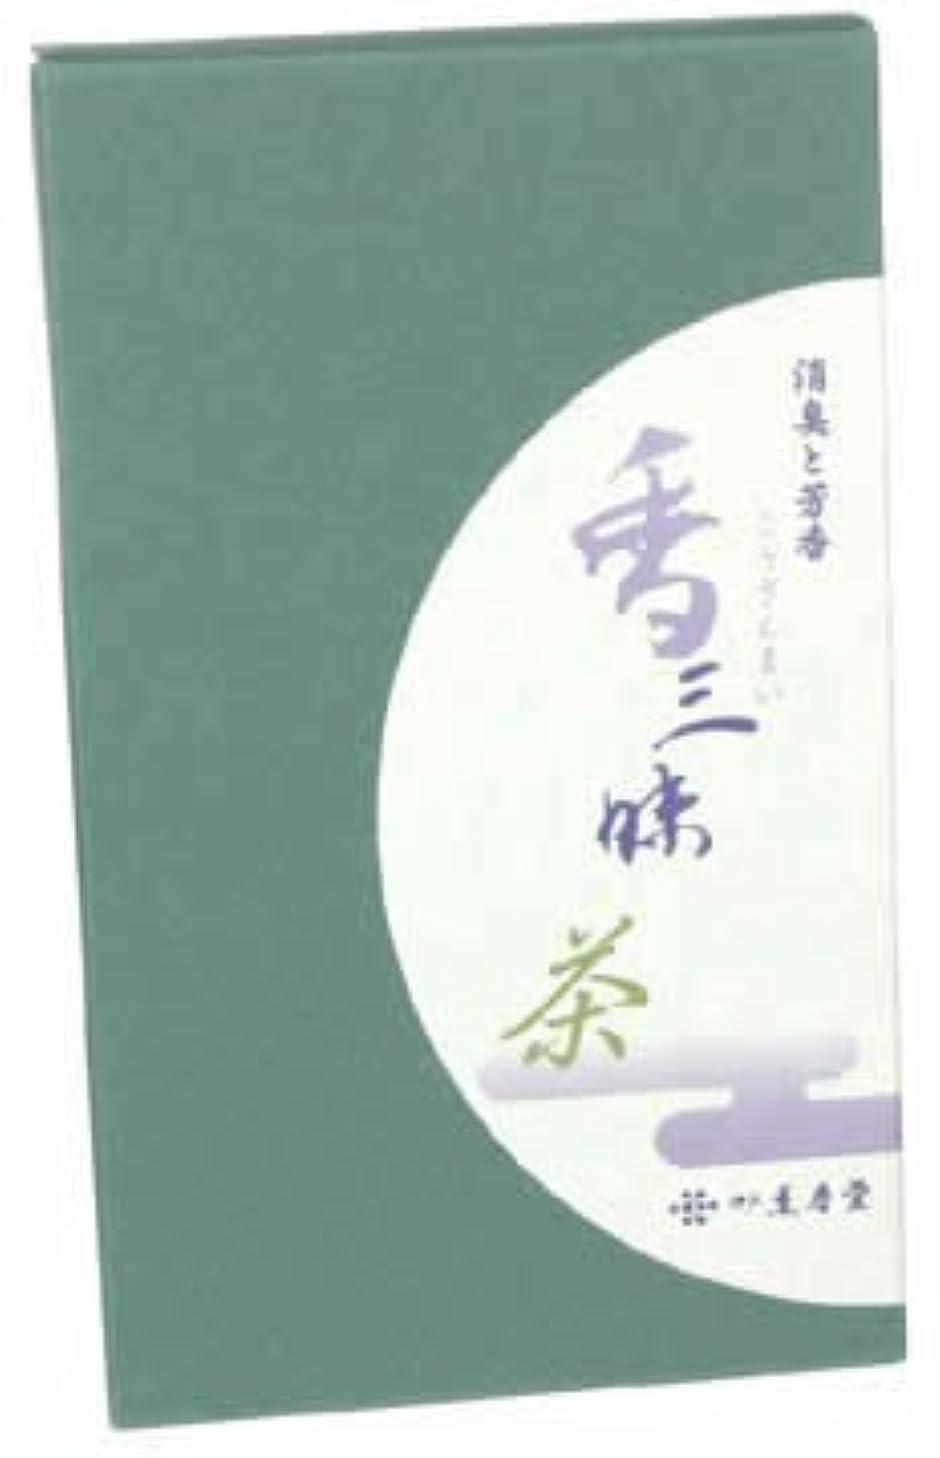 感動する専門知識安定しました香三昧 茶